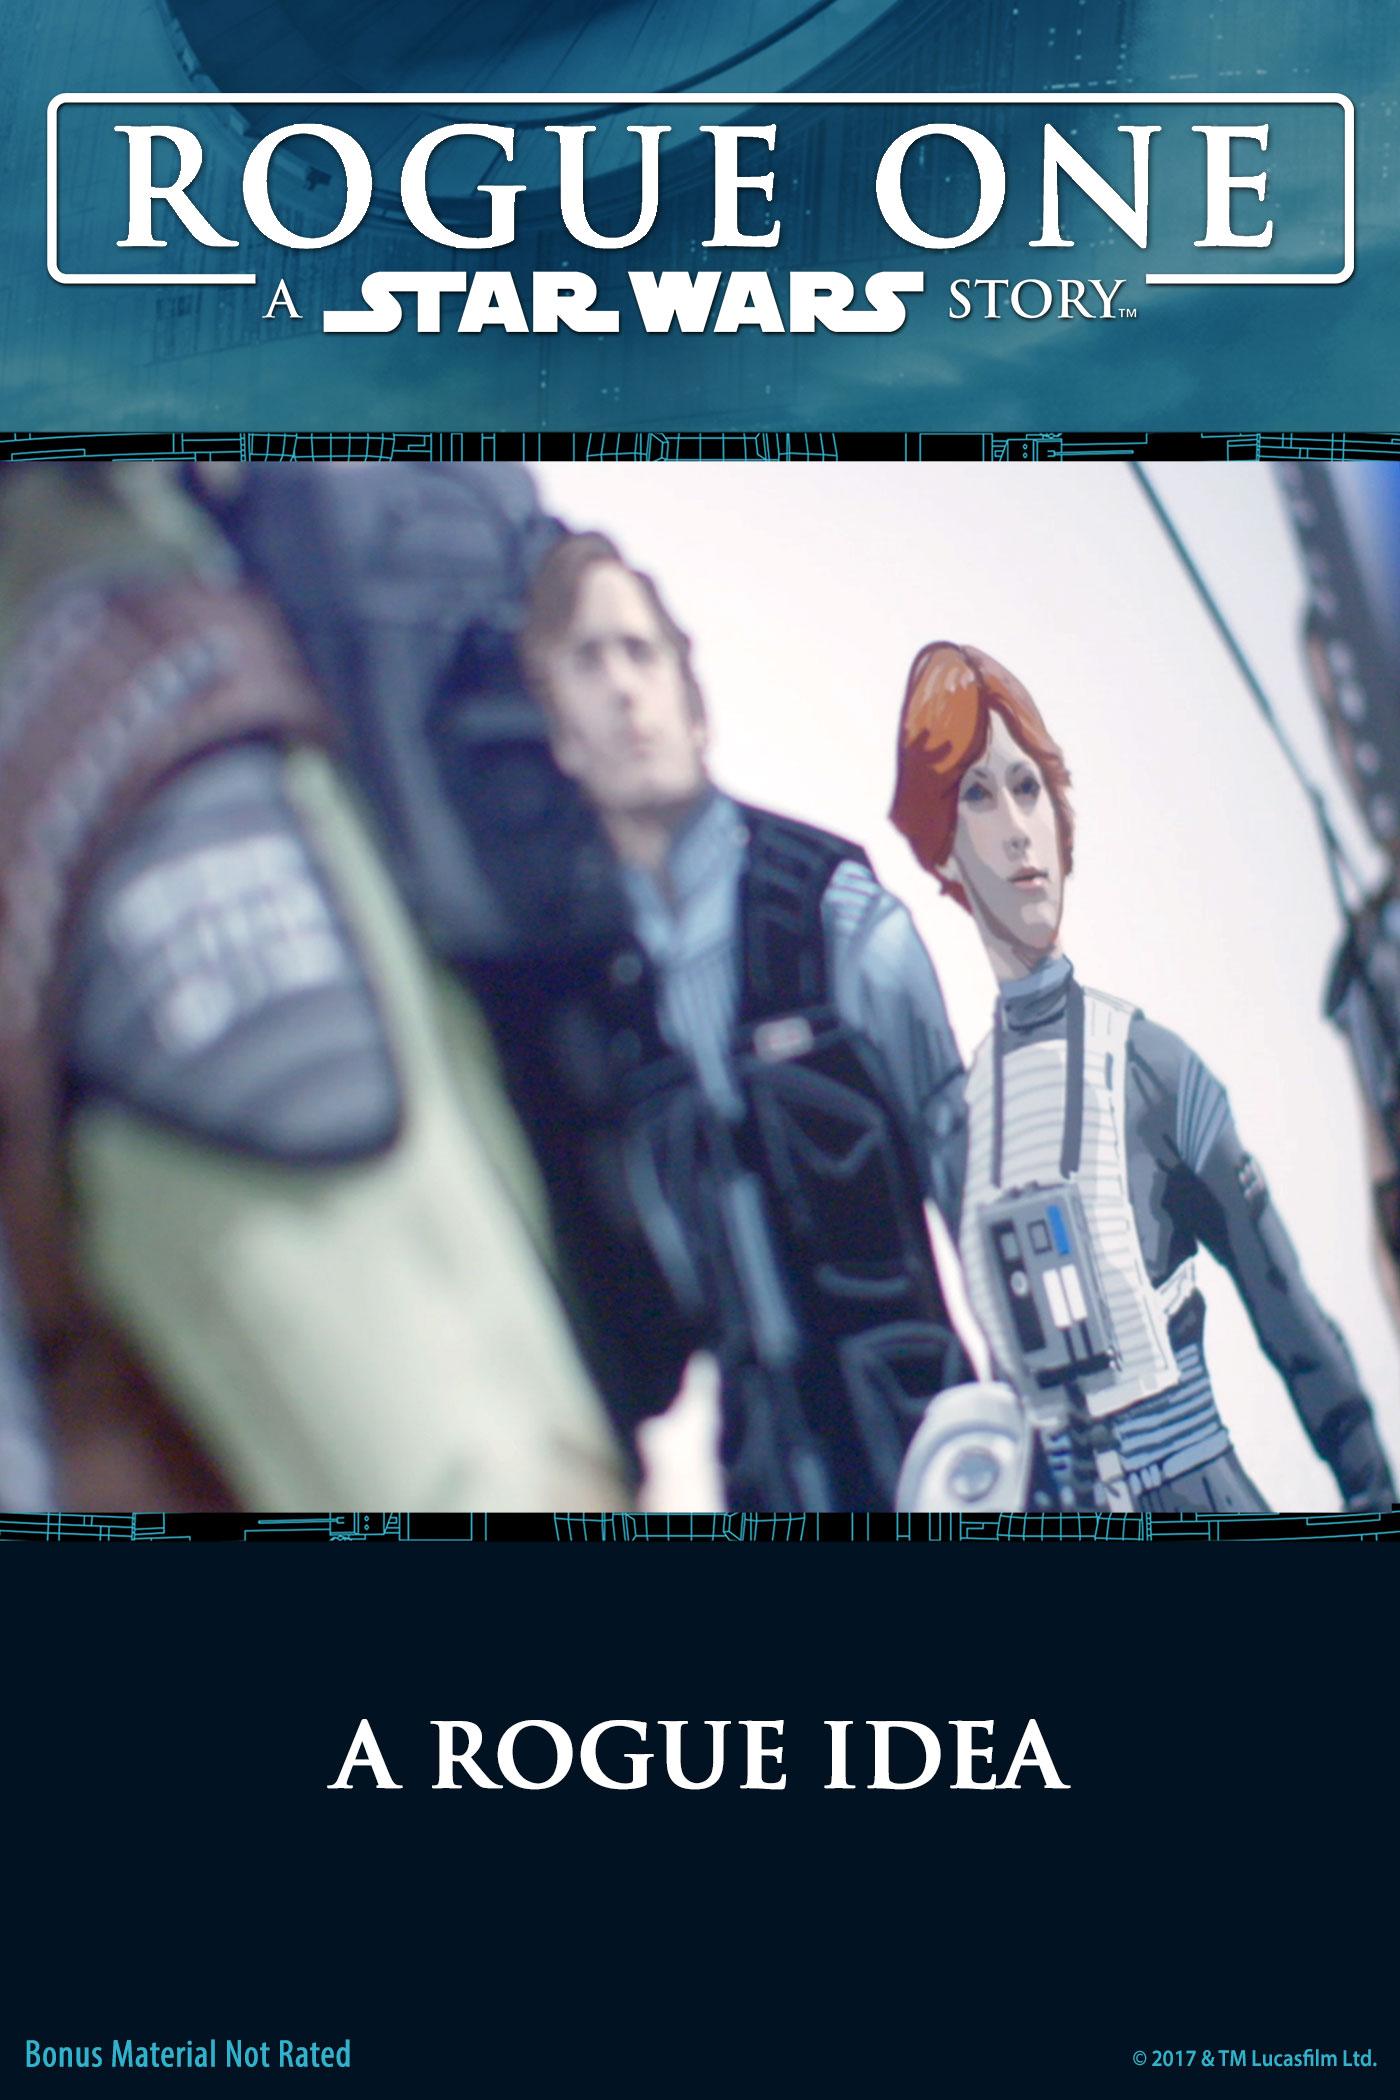 A Rogue Idea